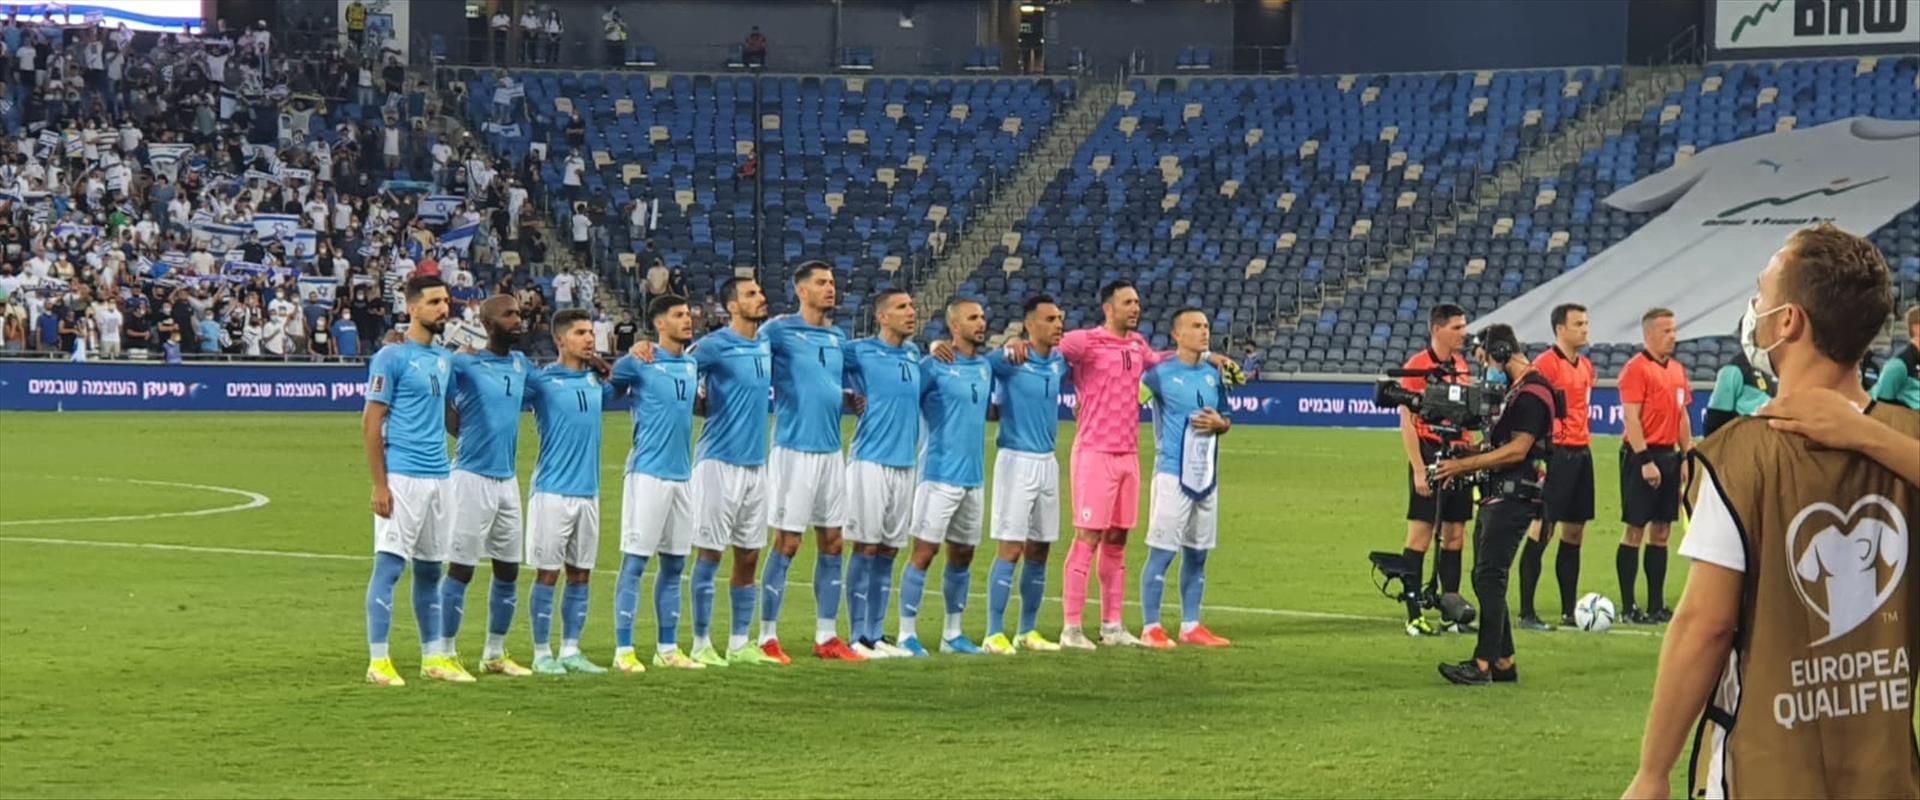 المنتخب الإسرائيلي بكرة القدم